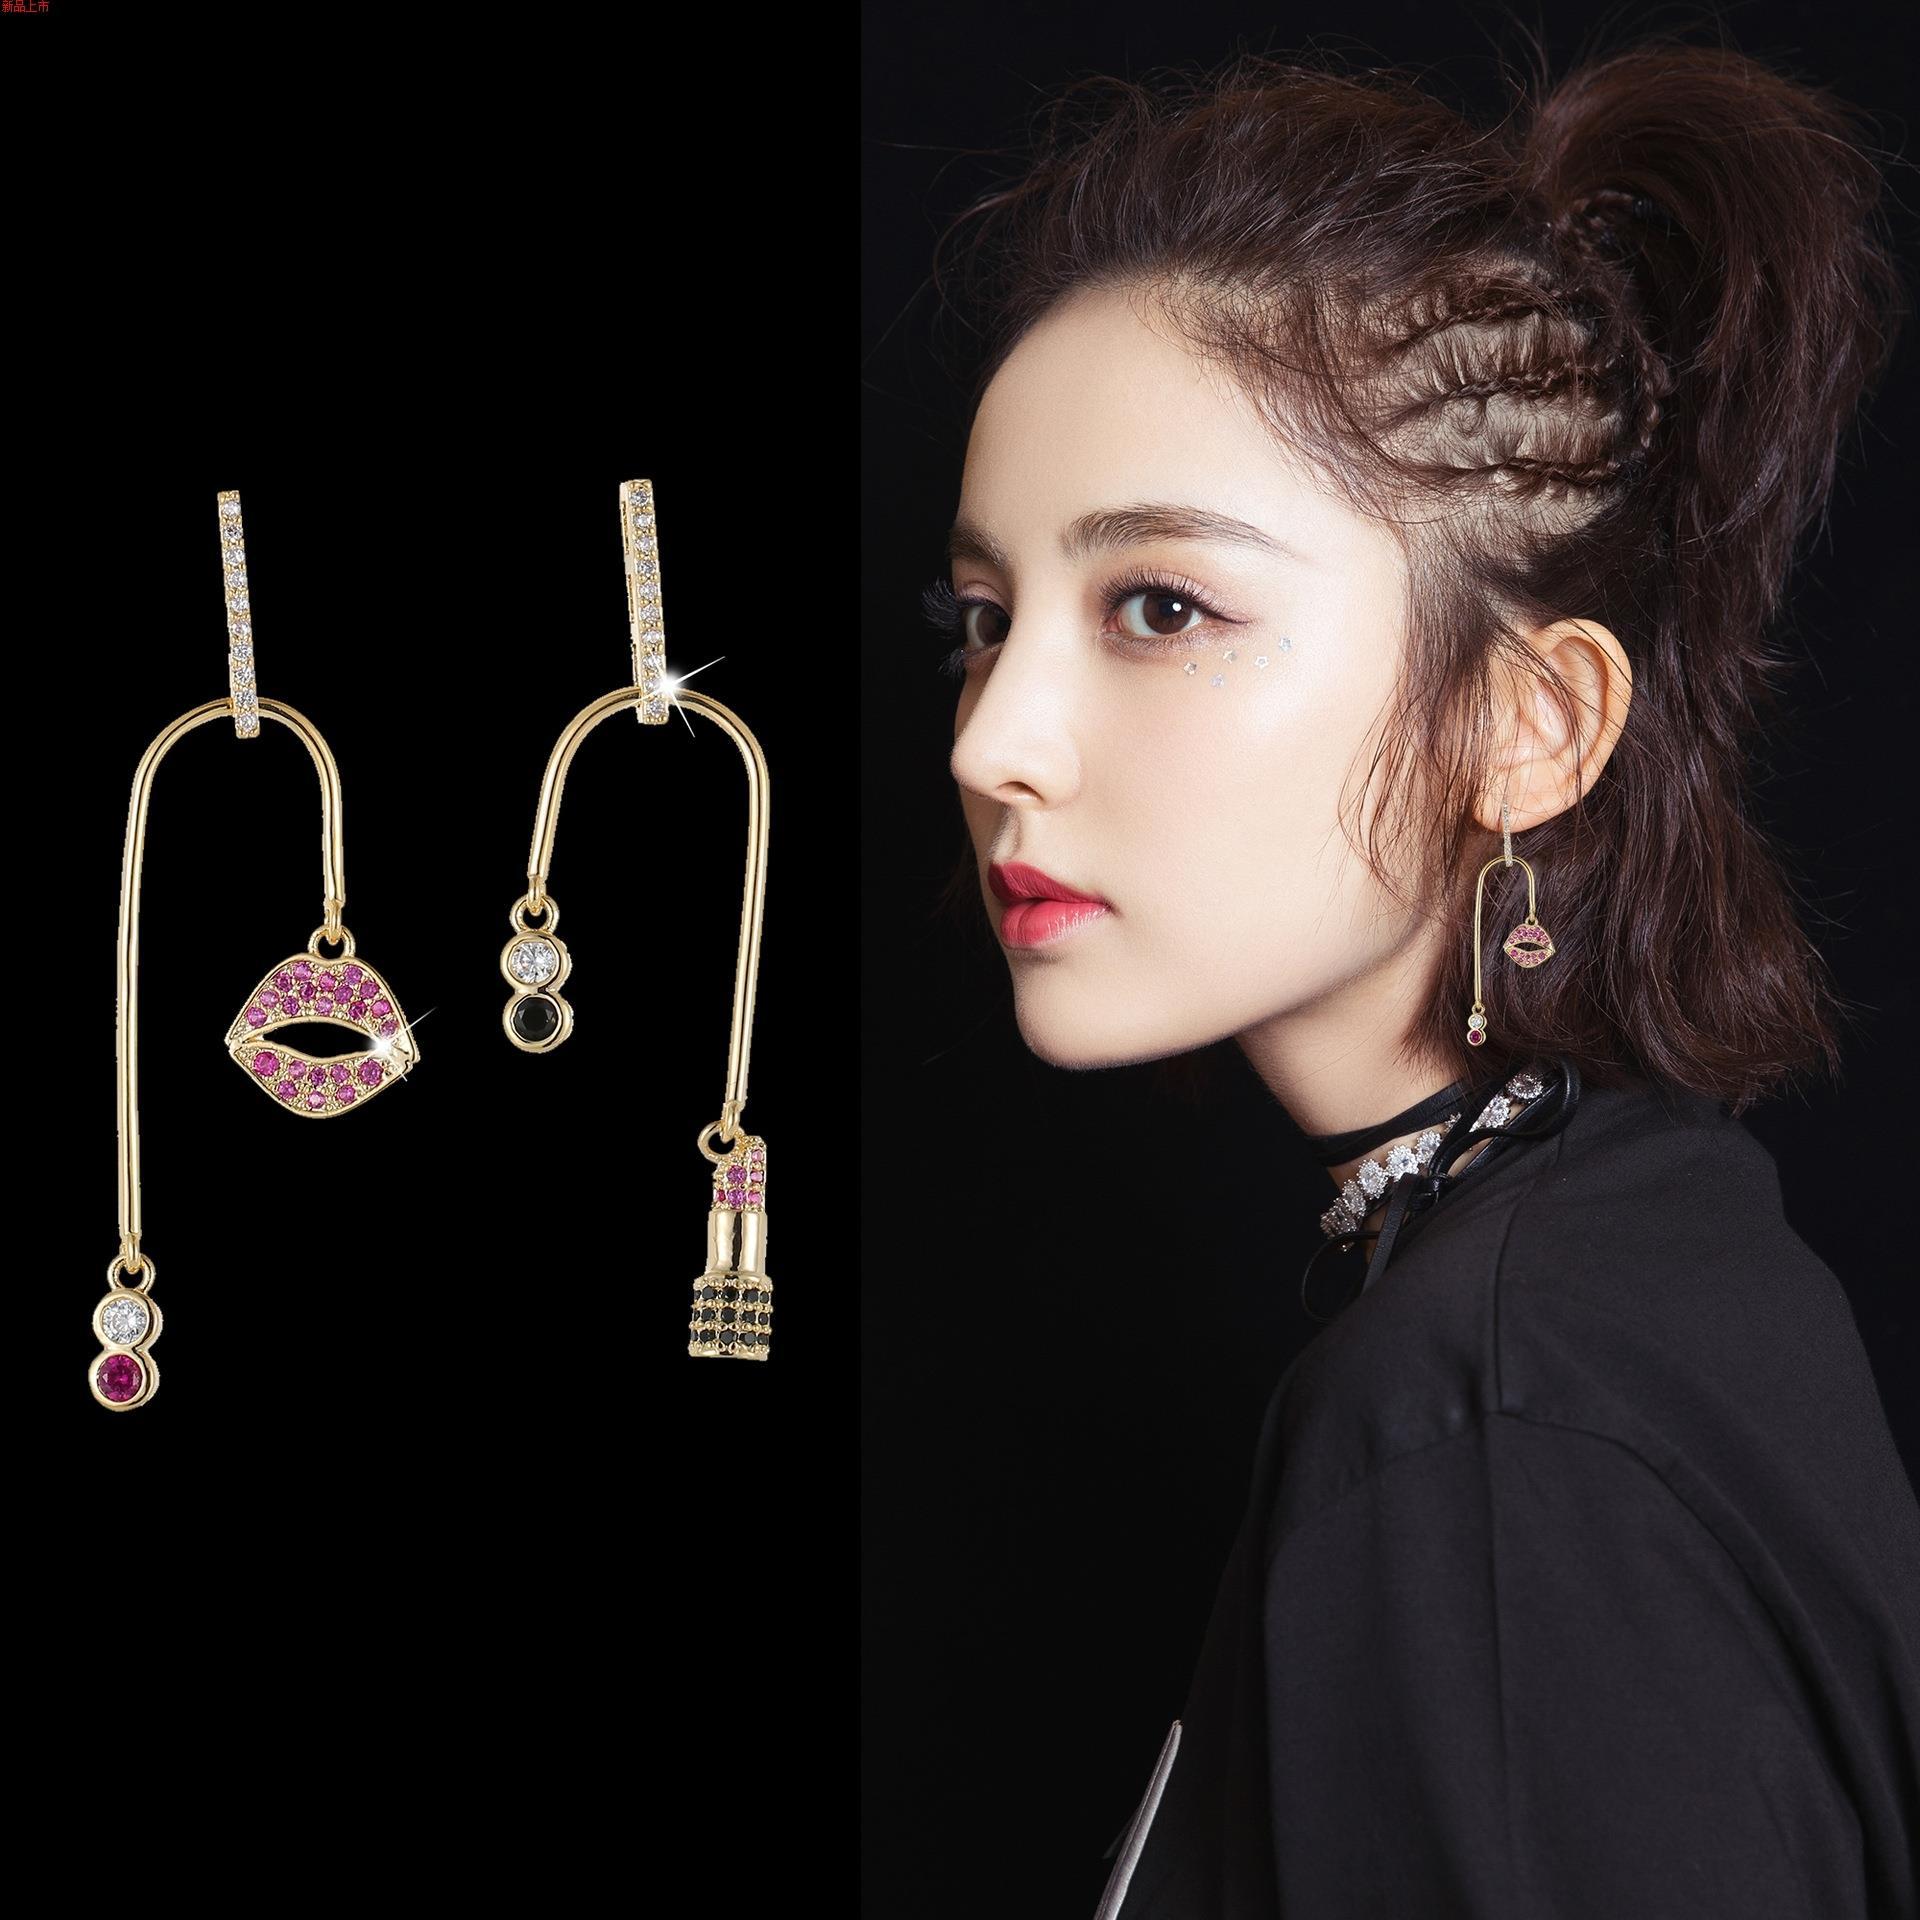 耳环韩版时尚气质奢华锆石流行耳饰品女士s925银防过敏